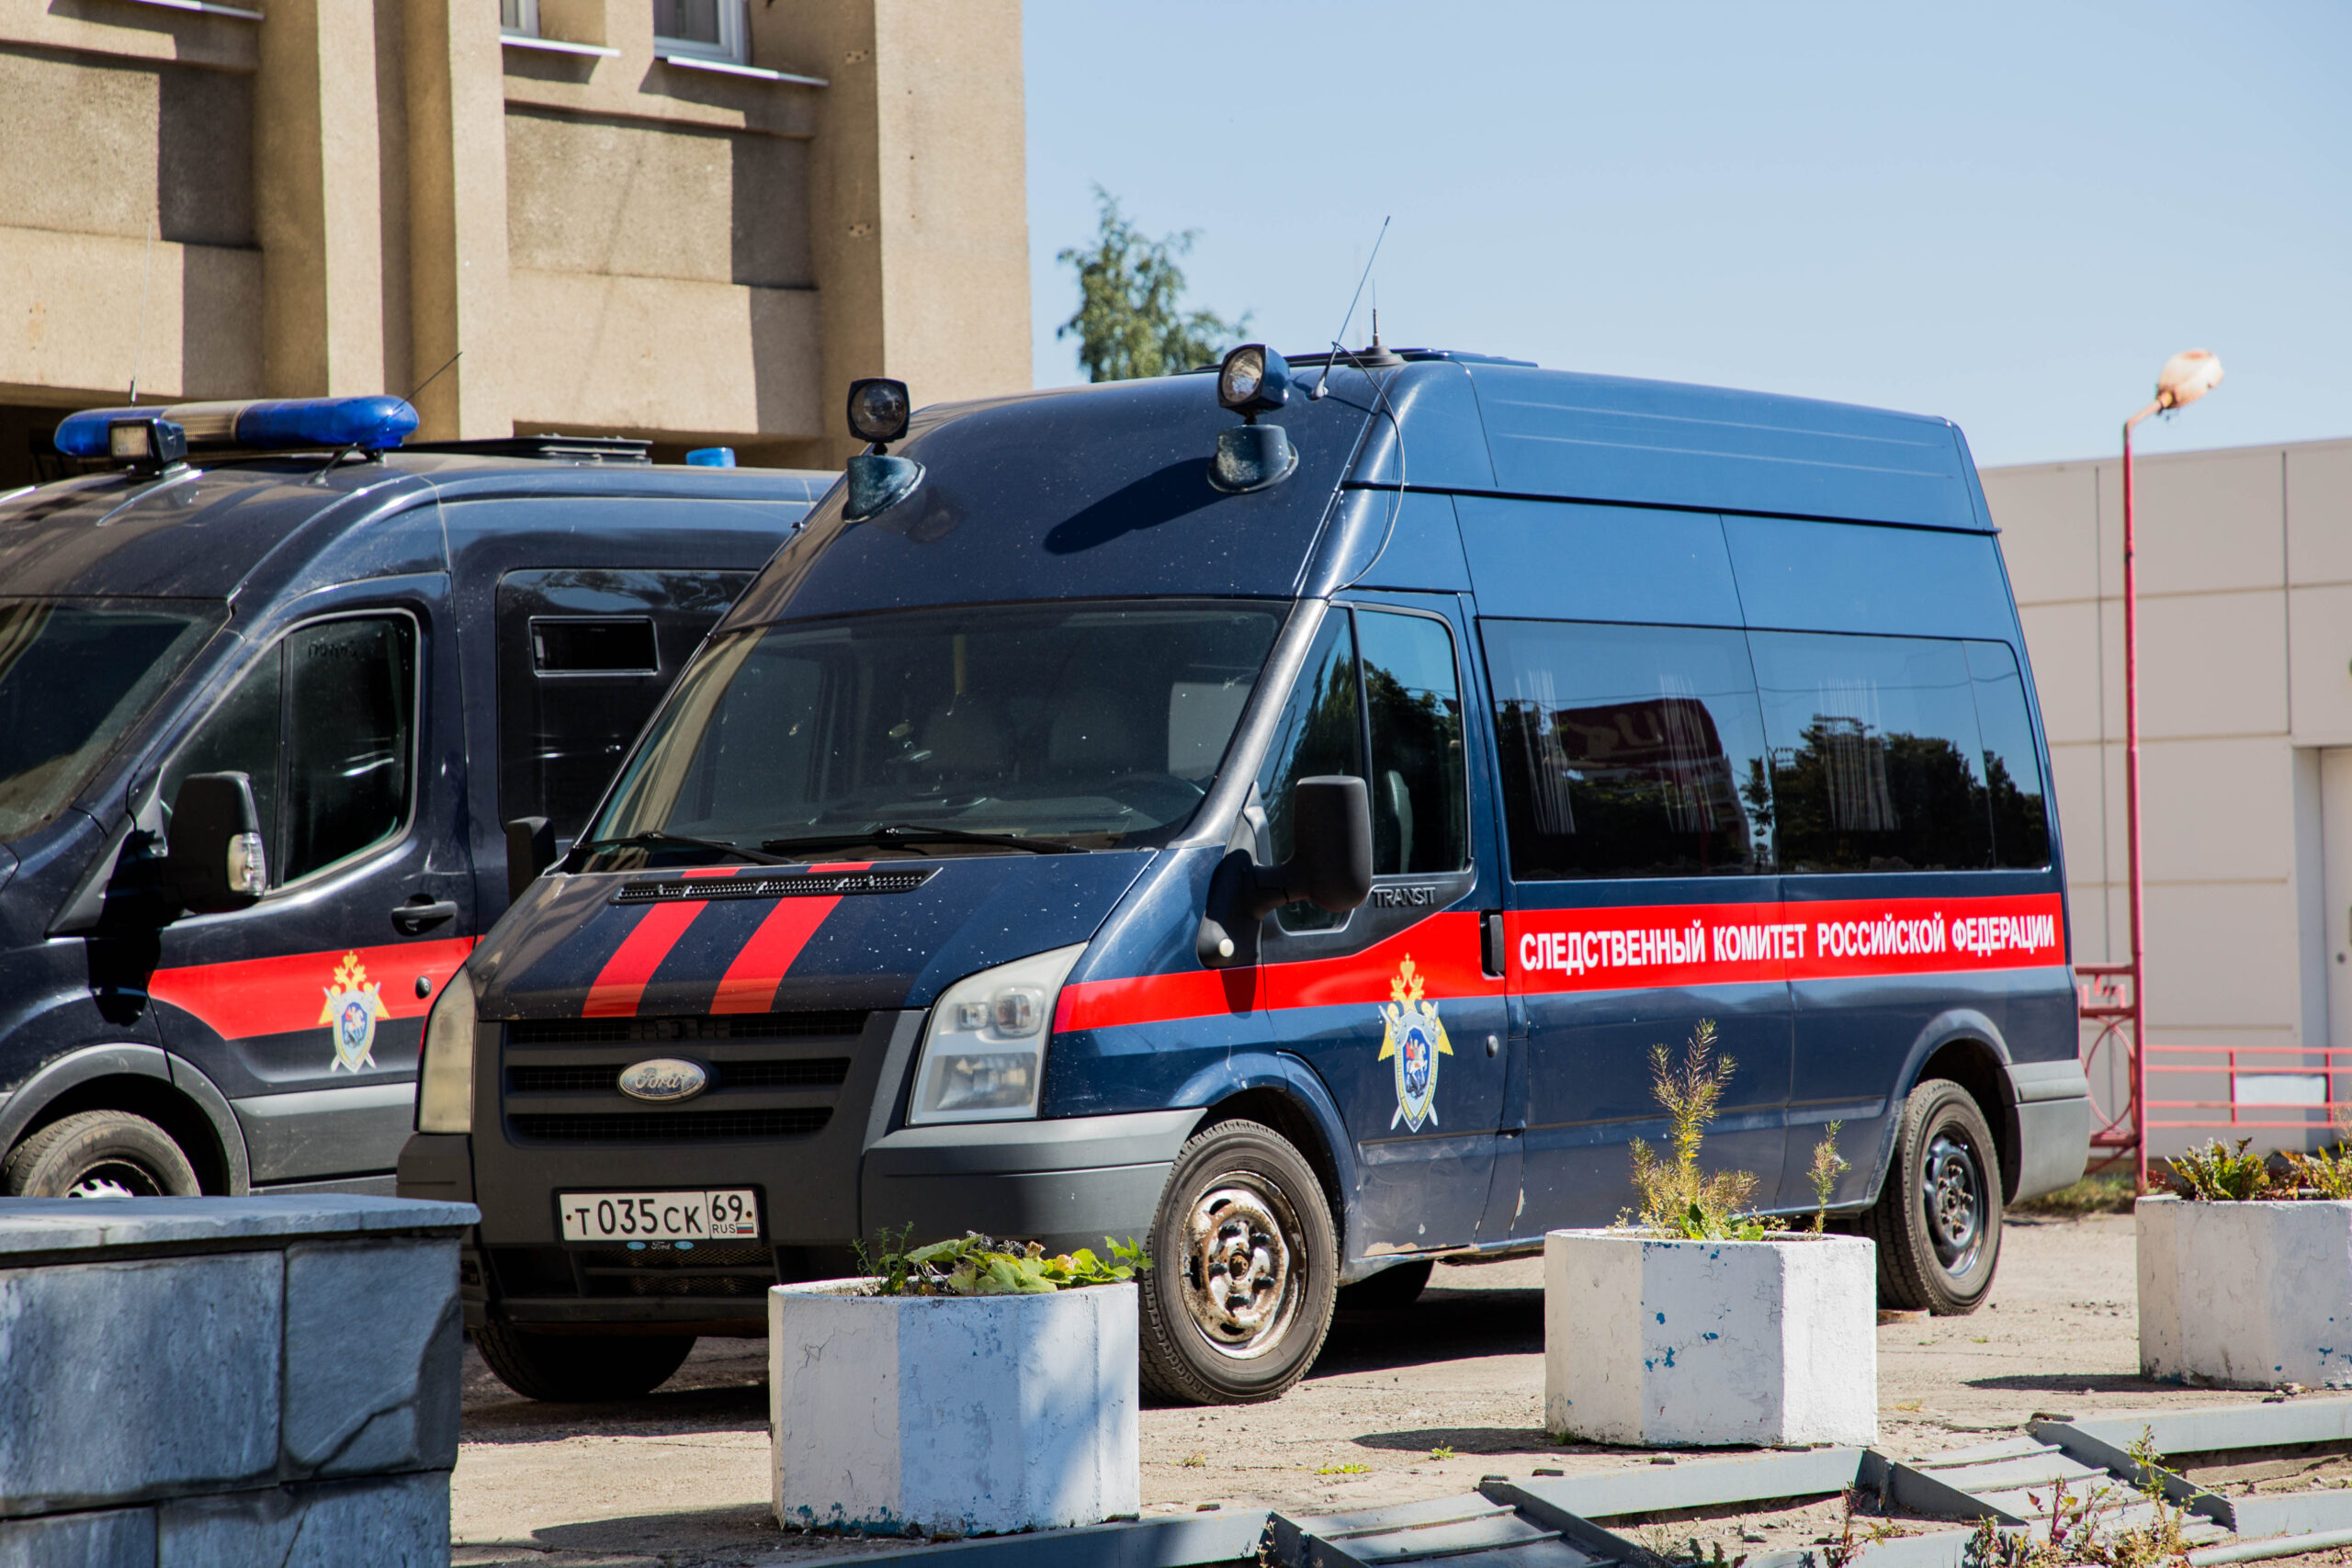 Жительница Тверской области арестована по подозрению в убийстве